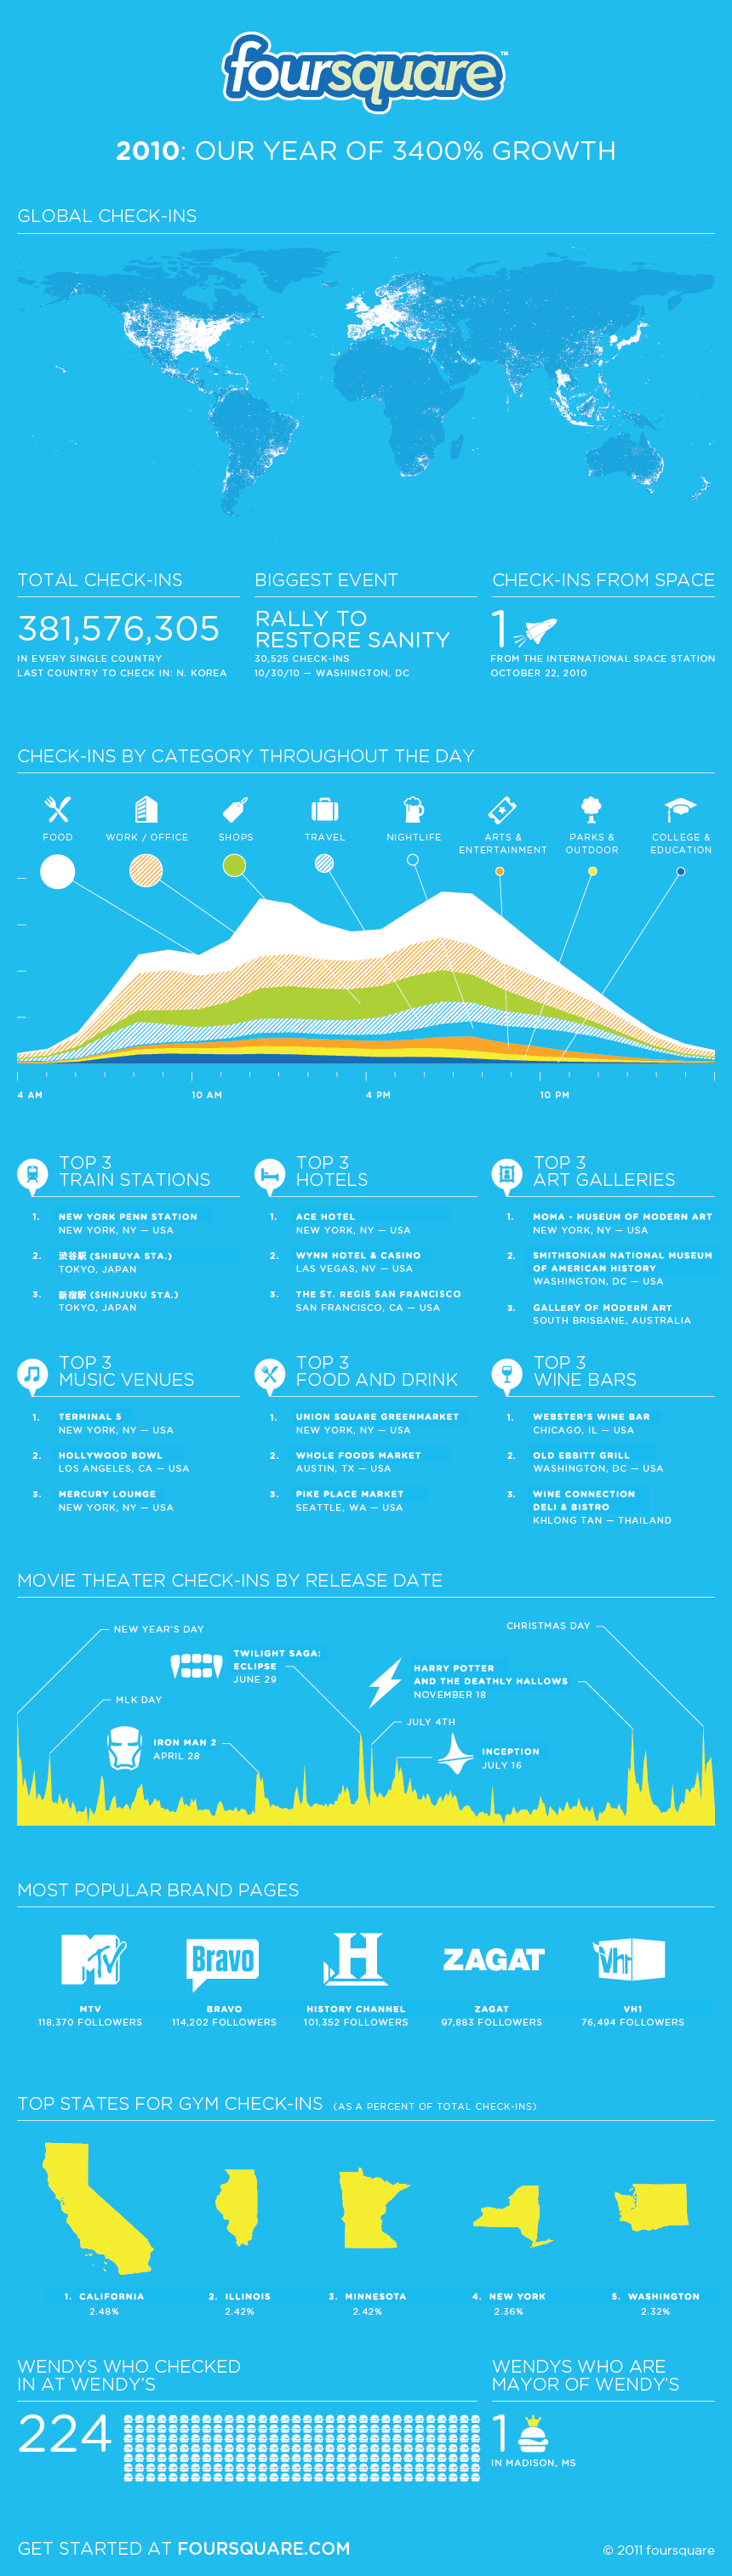 foursquare infographic